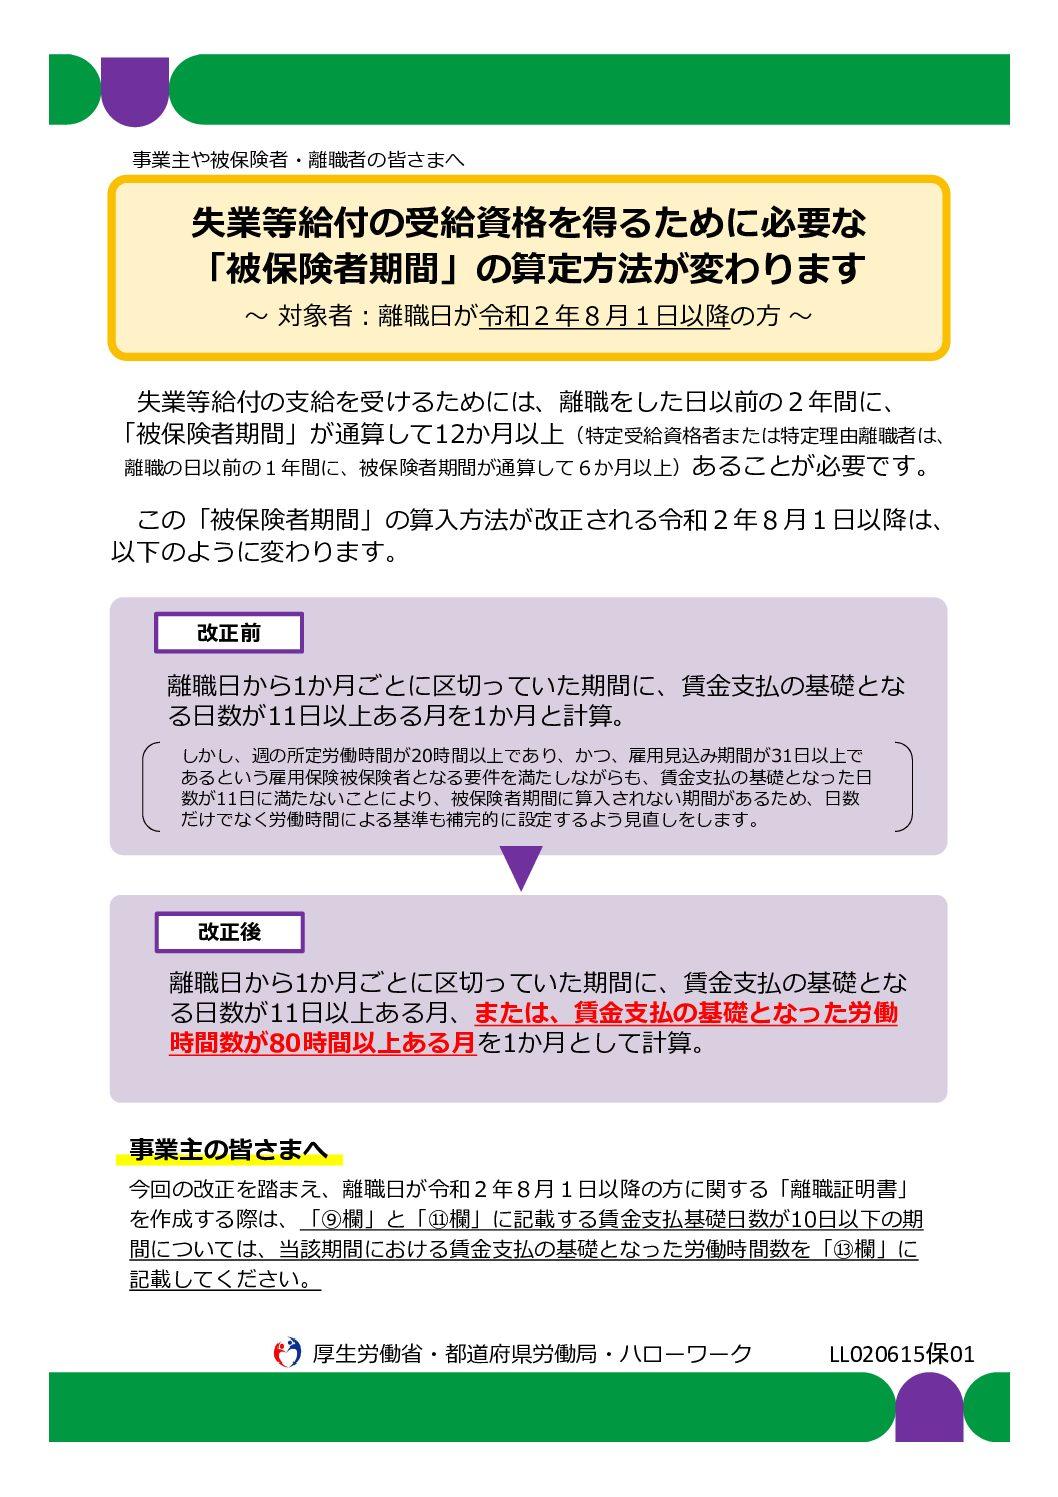 離職票等の記載方法の変更【令和2年8月1日から】